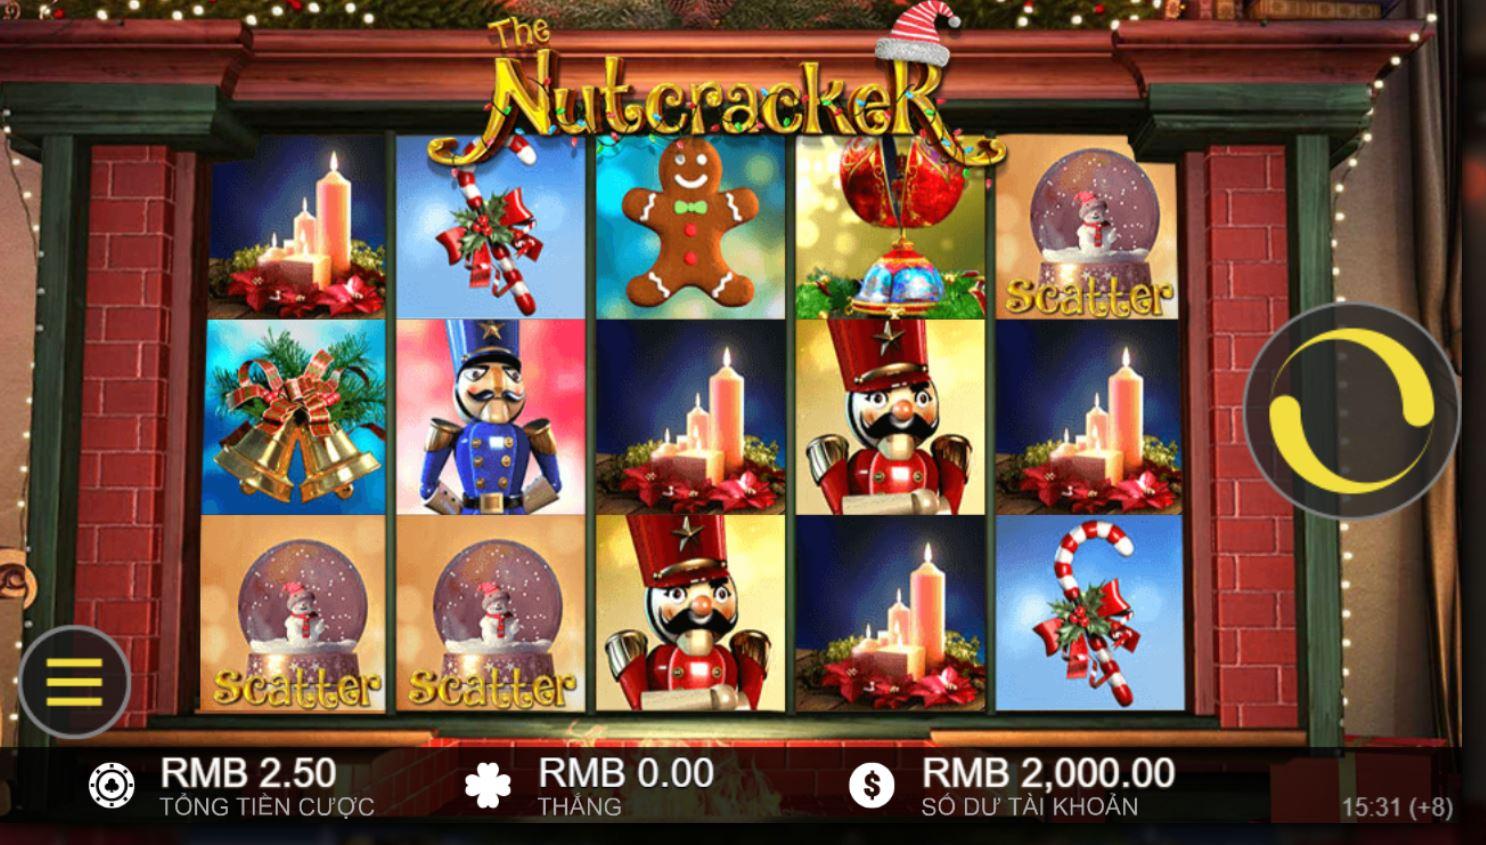 Hướng dẫn chơi game quay hũ đỉnh cao The Nutcracker